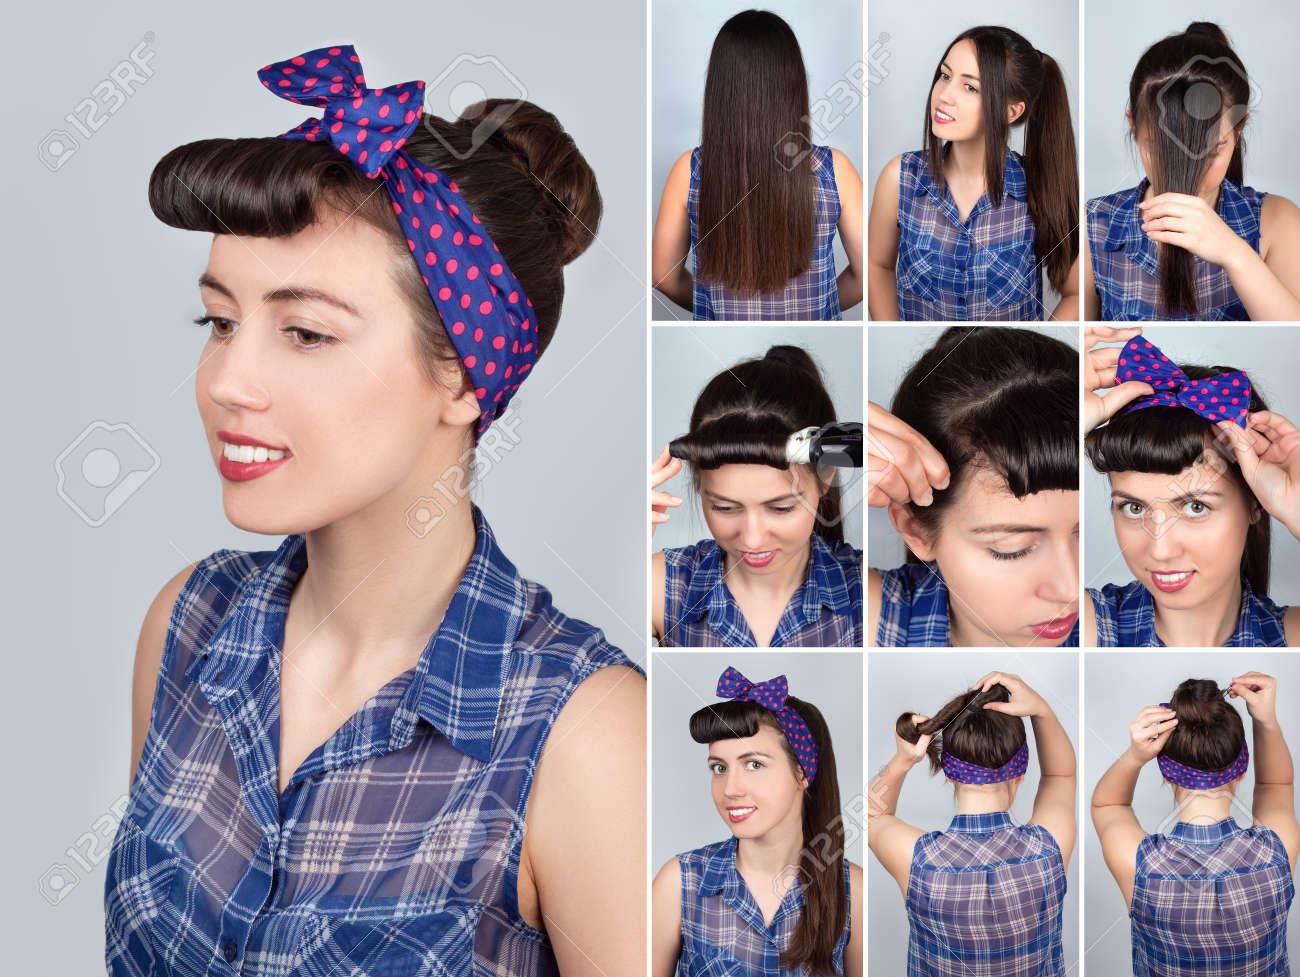 Einfache Frisur bun-Tutorial für die Frau. Frisur für lange Haare.  Pin-up-Stil